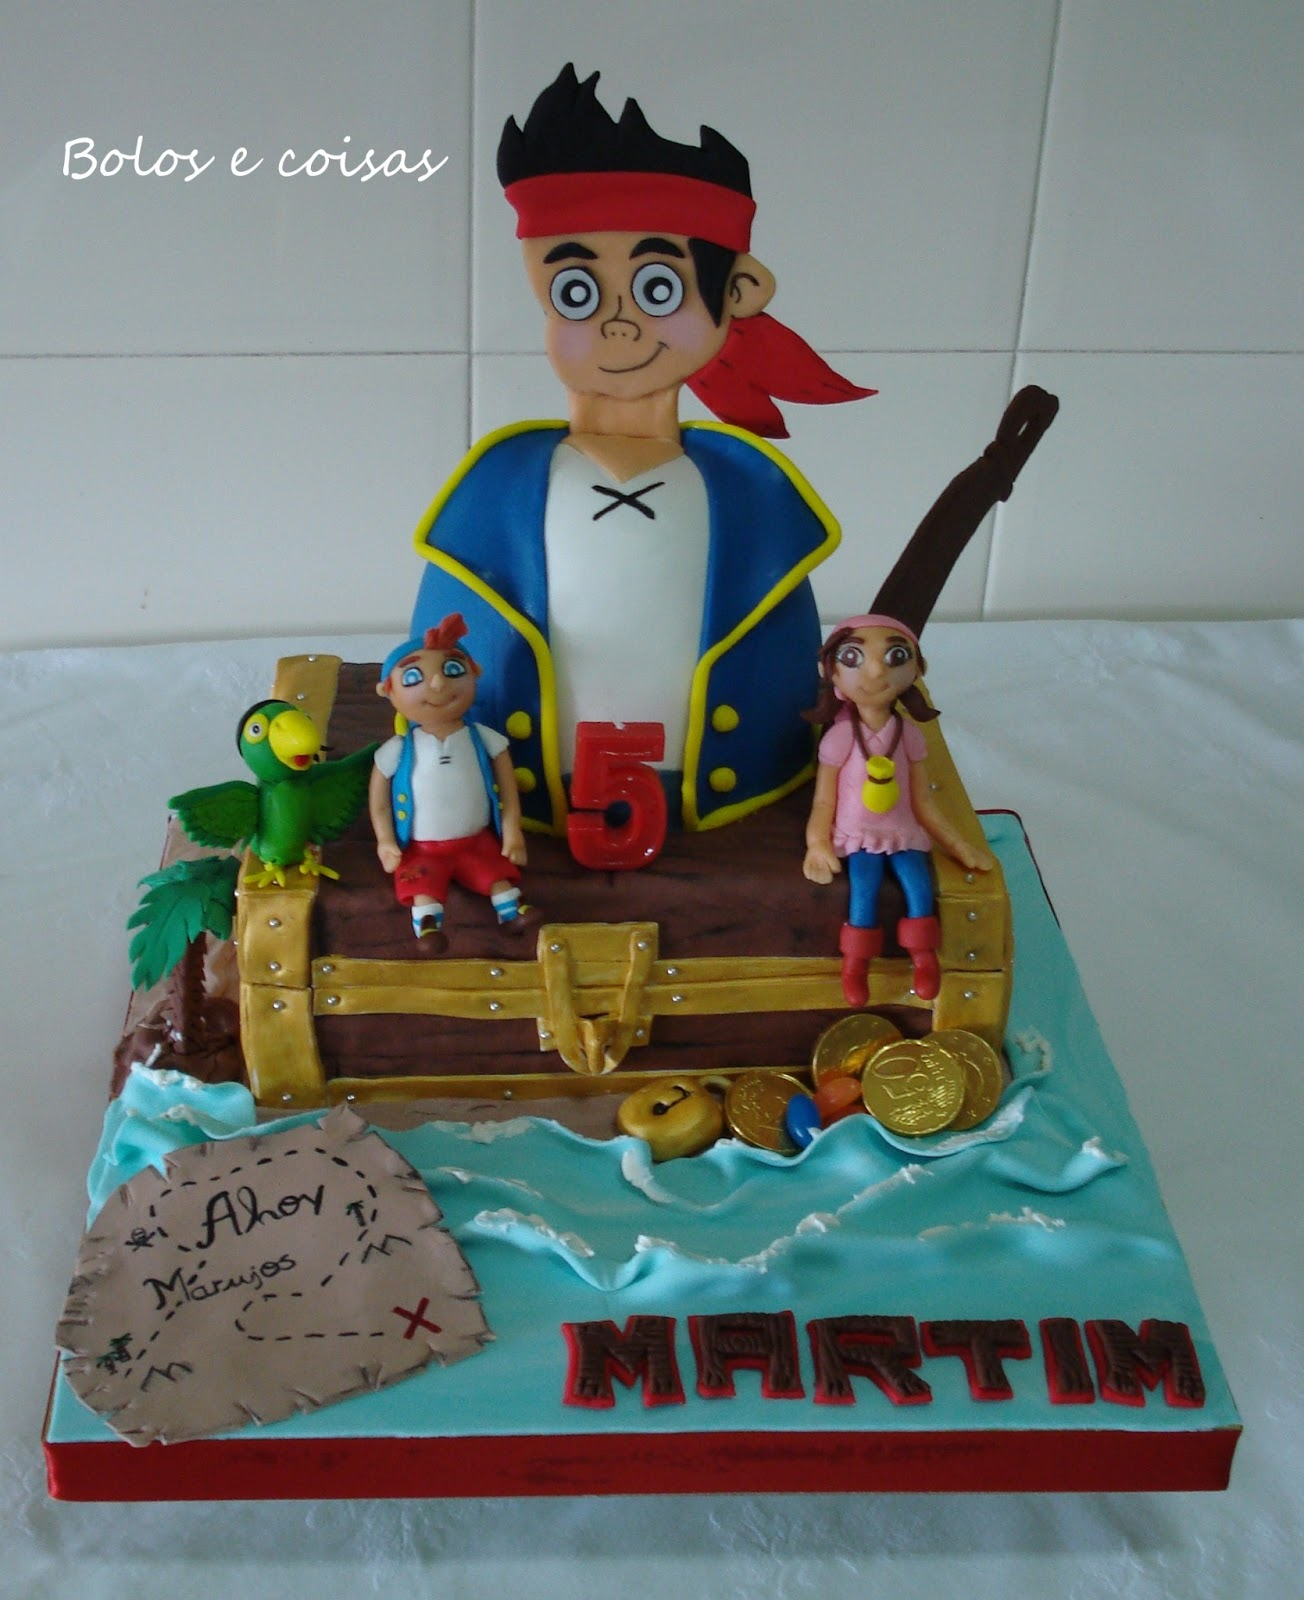 Cake Design Jake E Os Piratas : Bolos e coisas - Bolos decorados (Cake Design): Jake e os ...